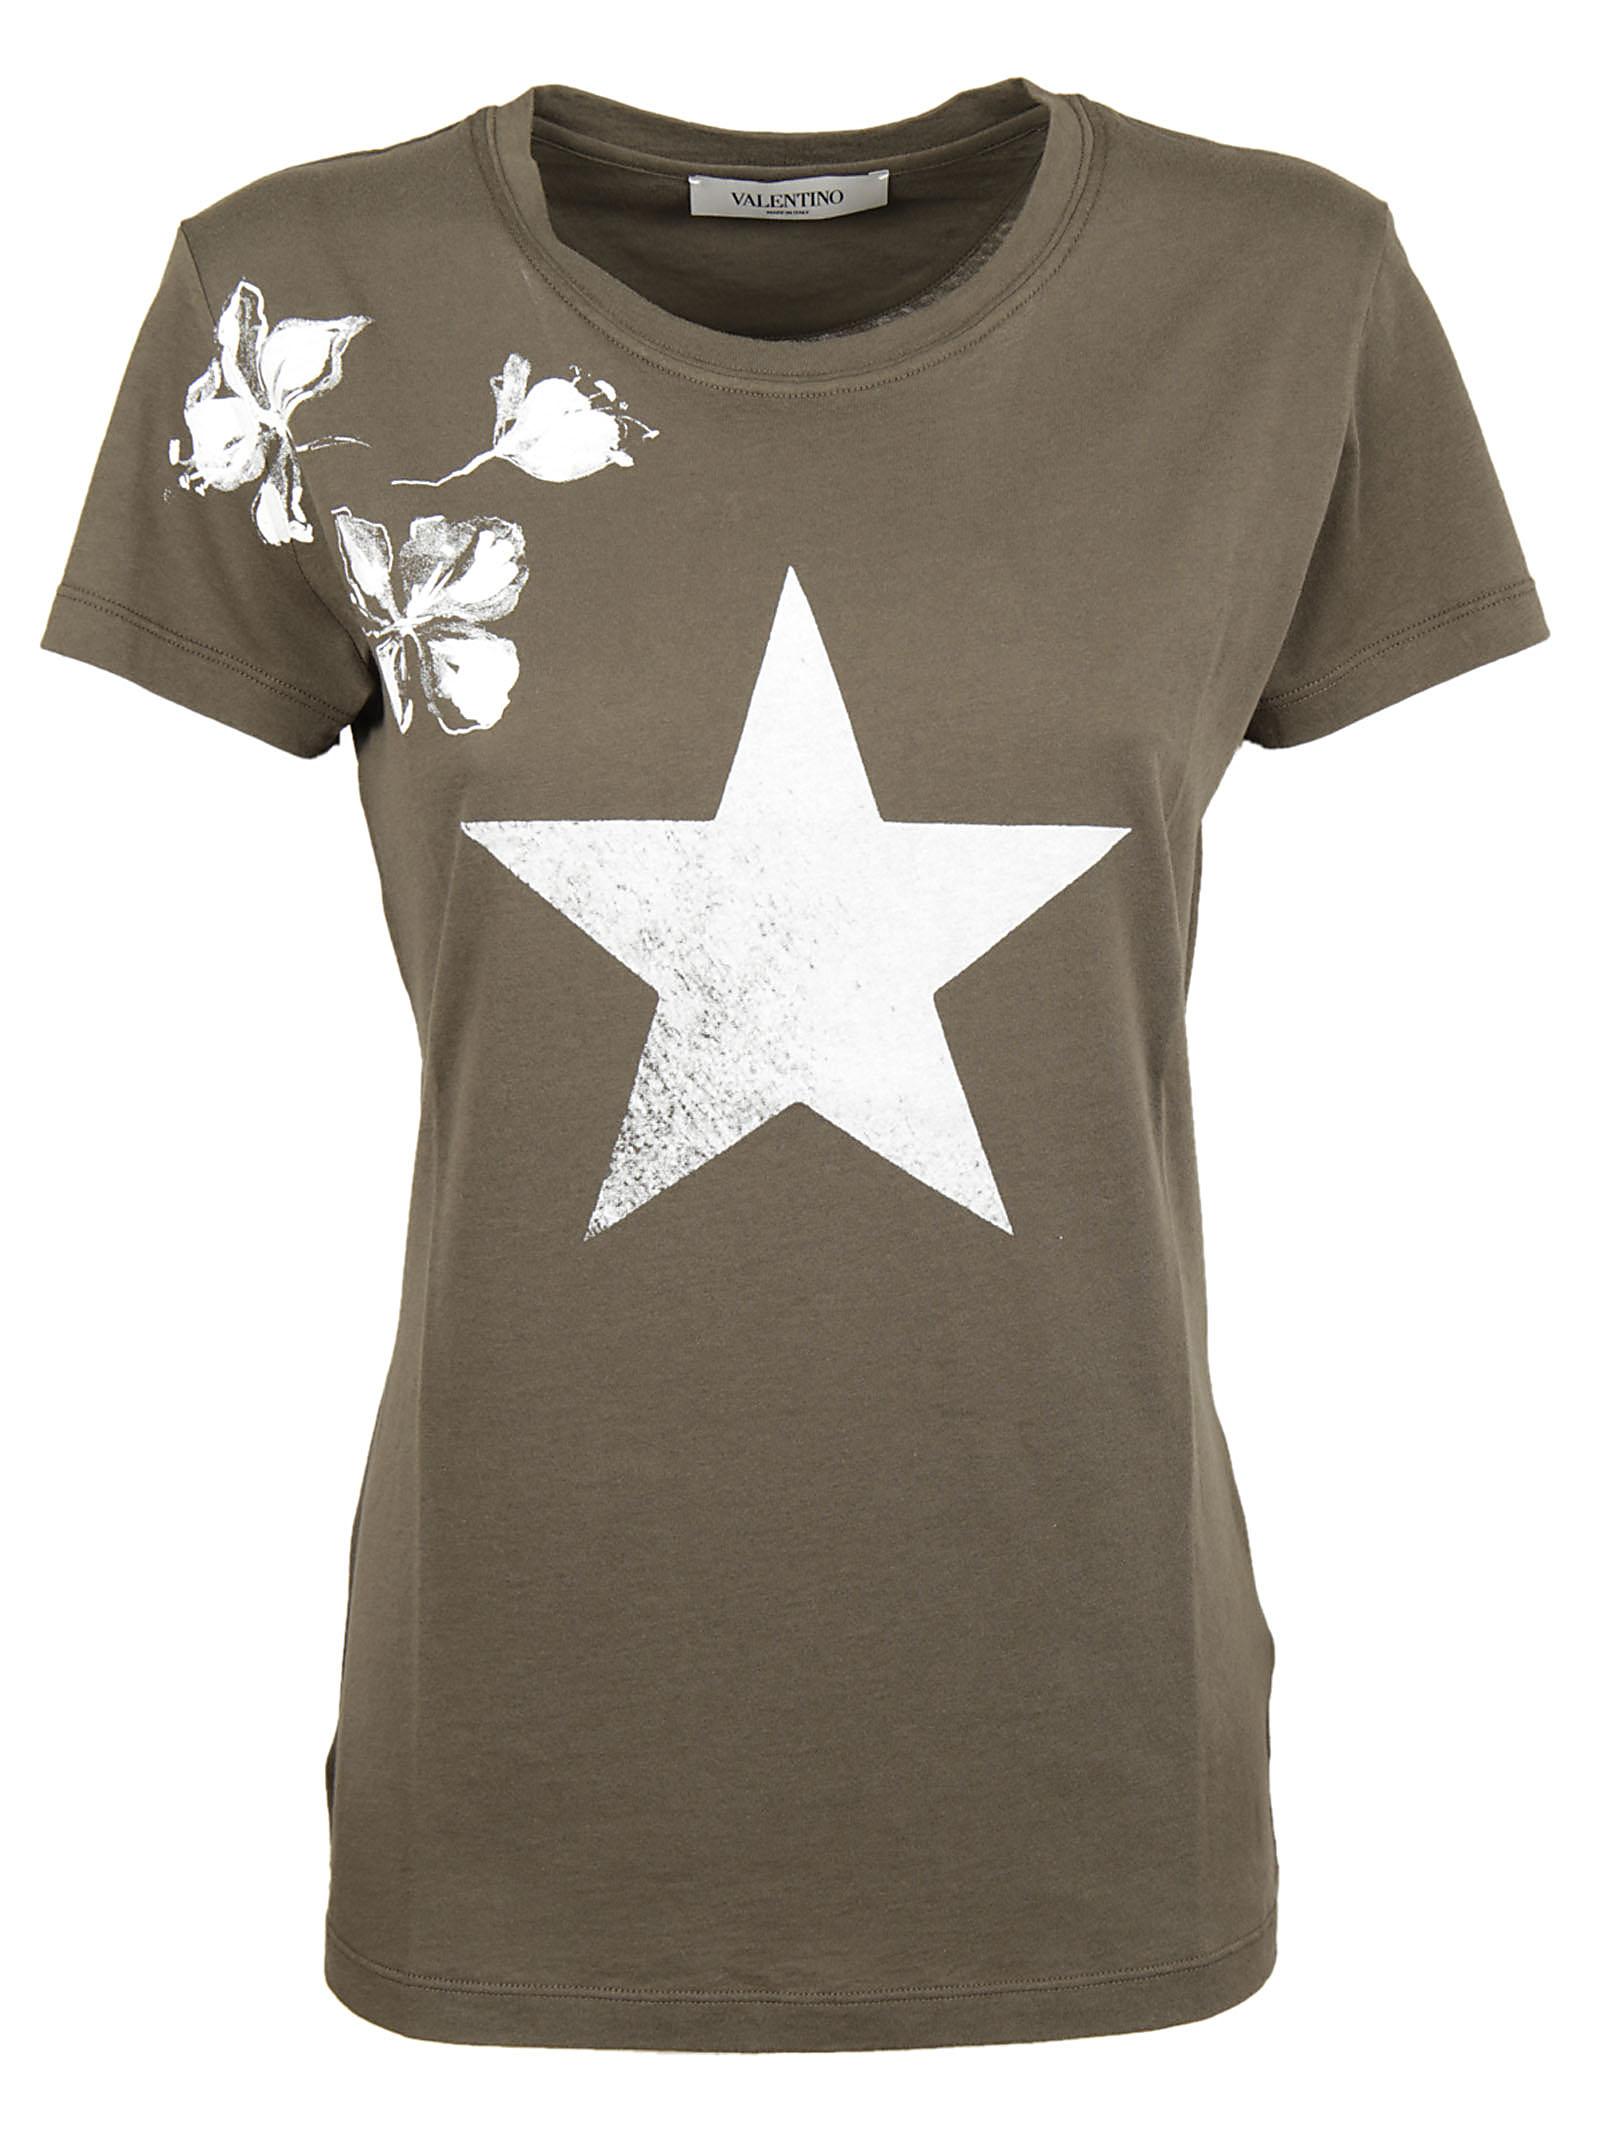 Valentino Valentino Printed T-Shirt